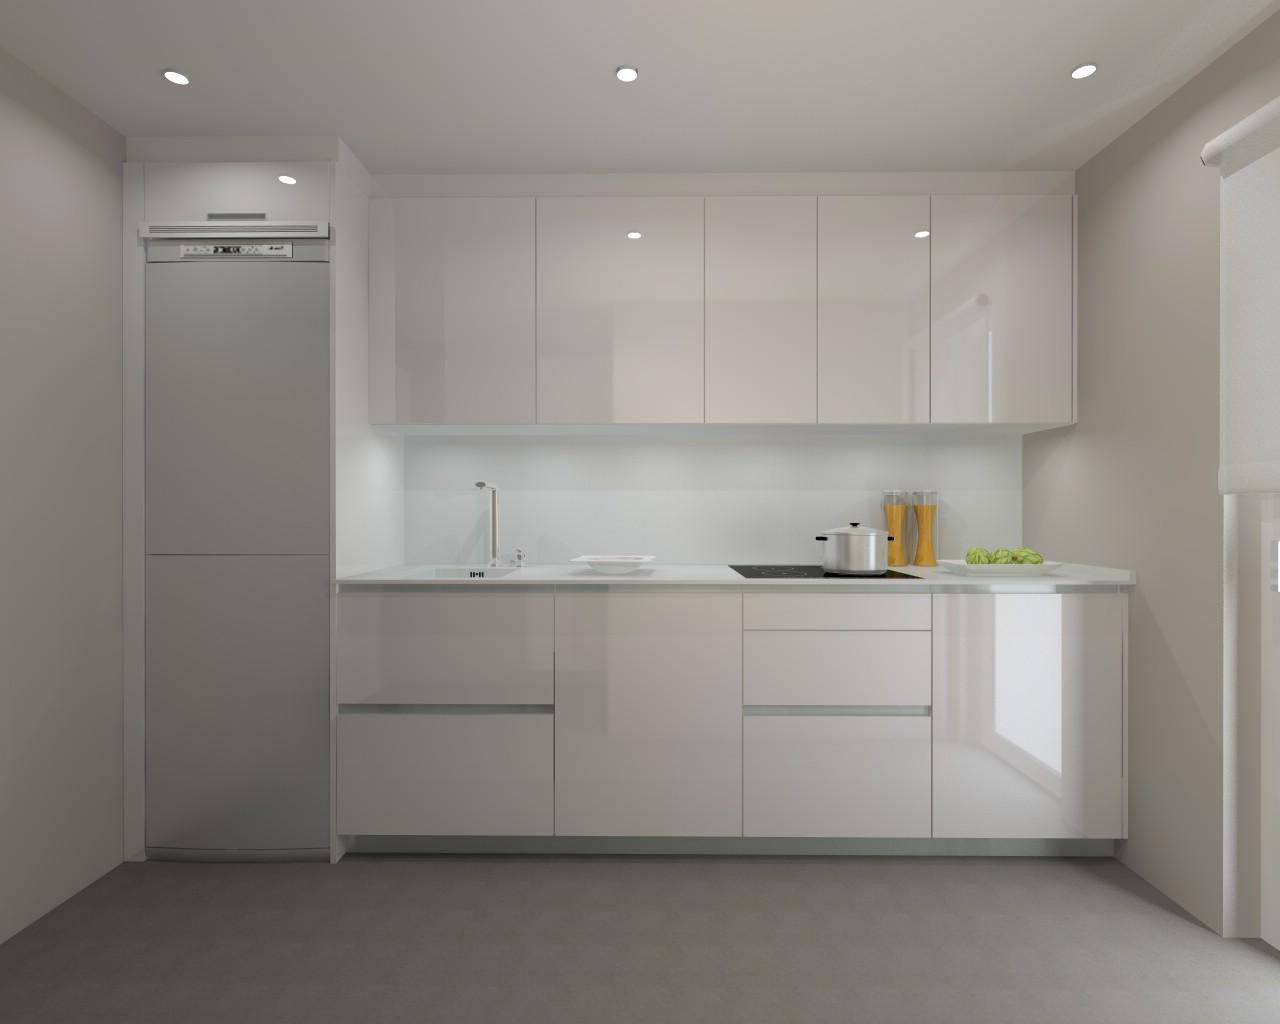 Madrid cocina santos modelo line l encimera for Encimera auxiliar cocina